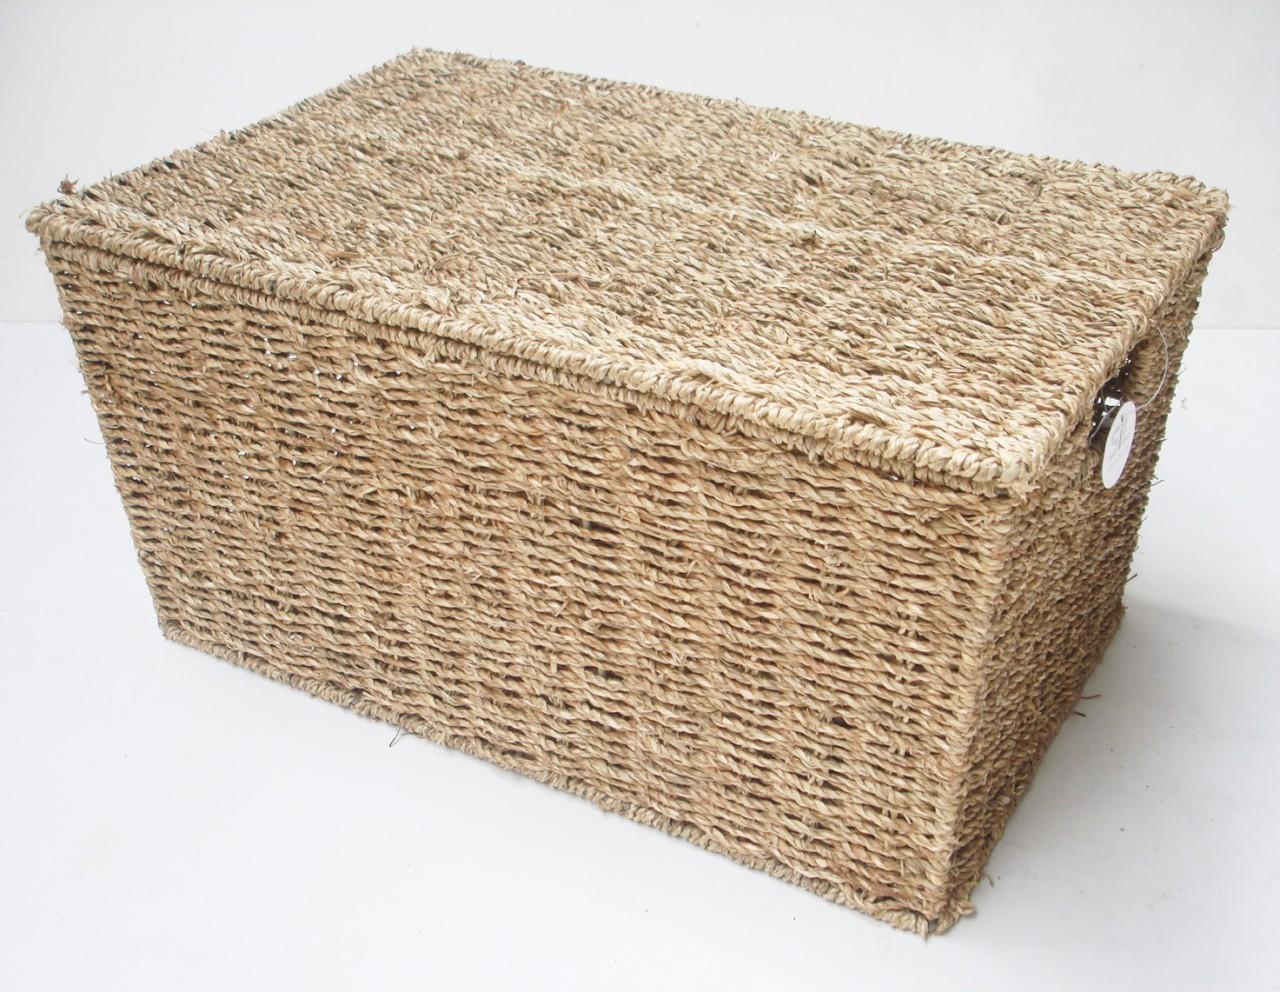 seagrass storage chest trunk big baskets kids childern toy